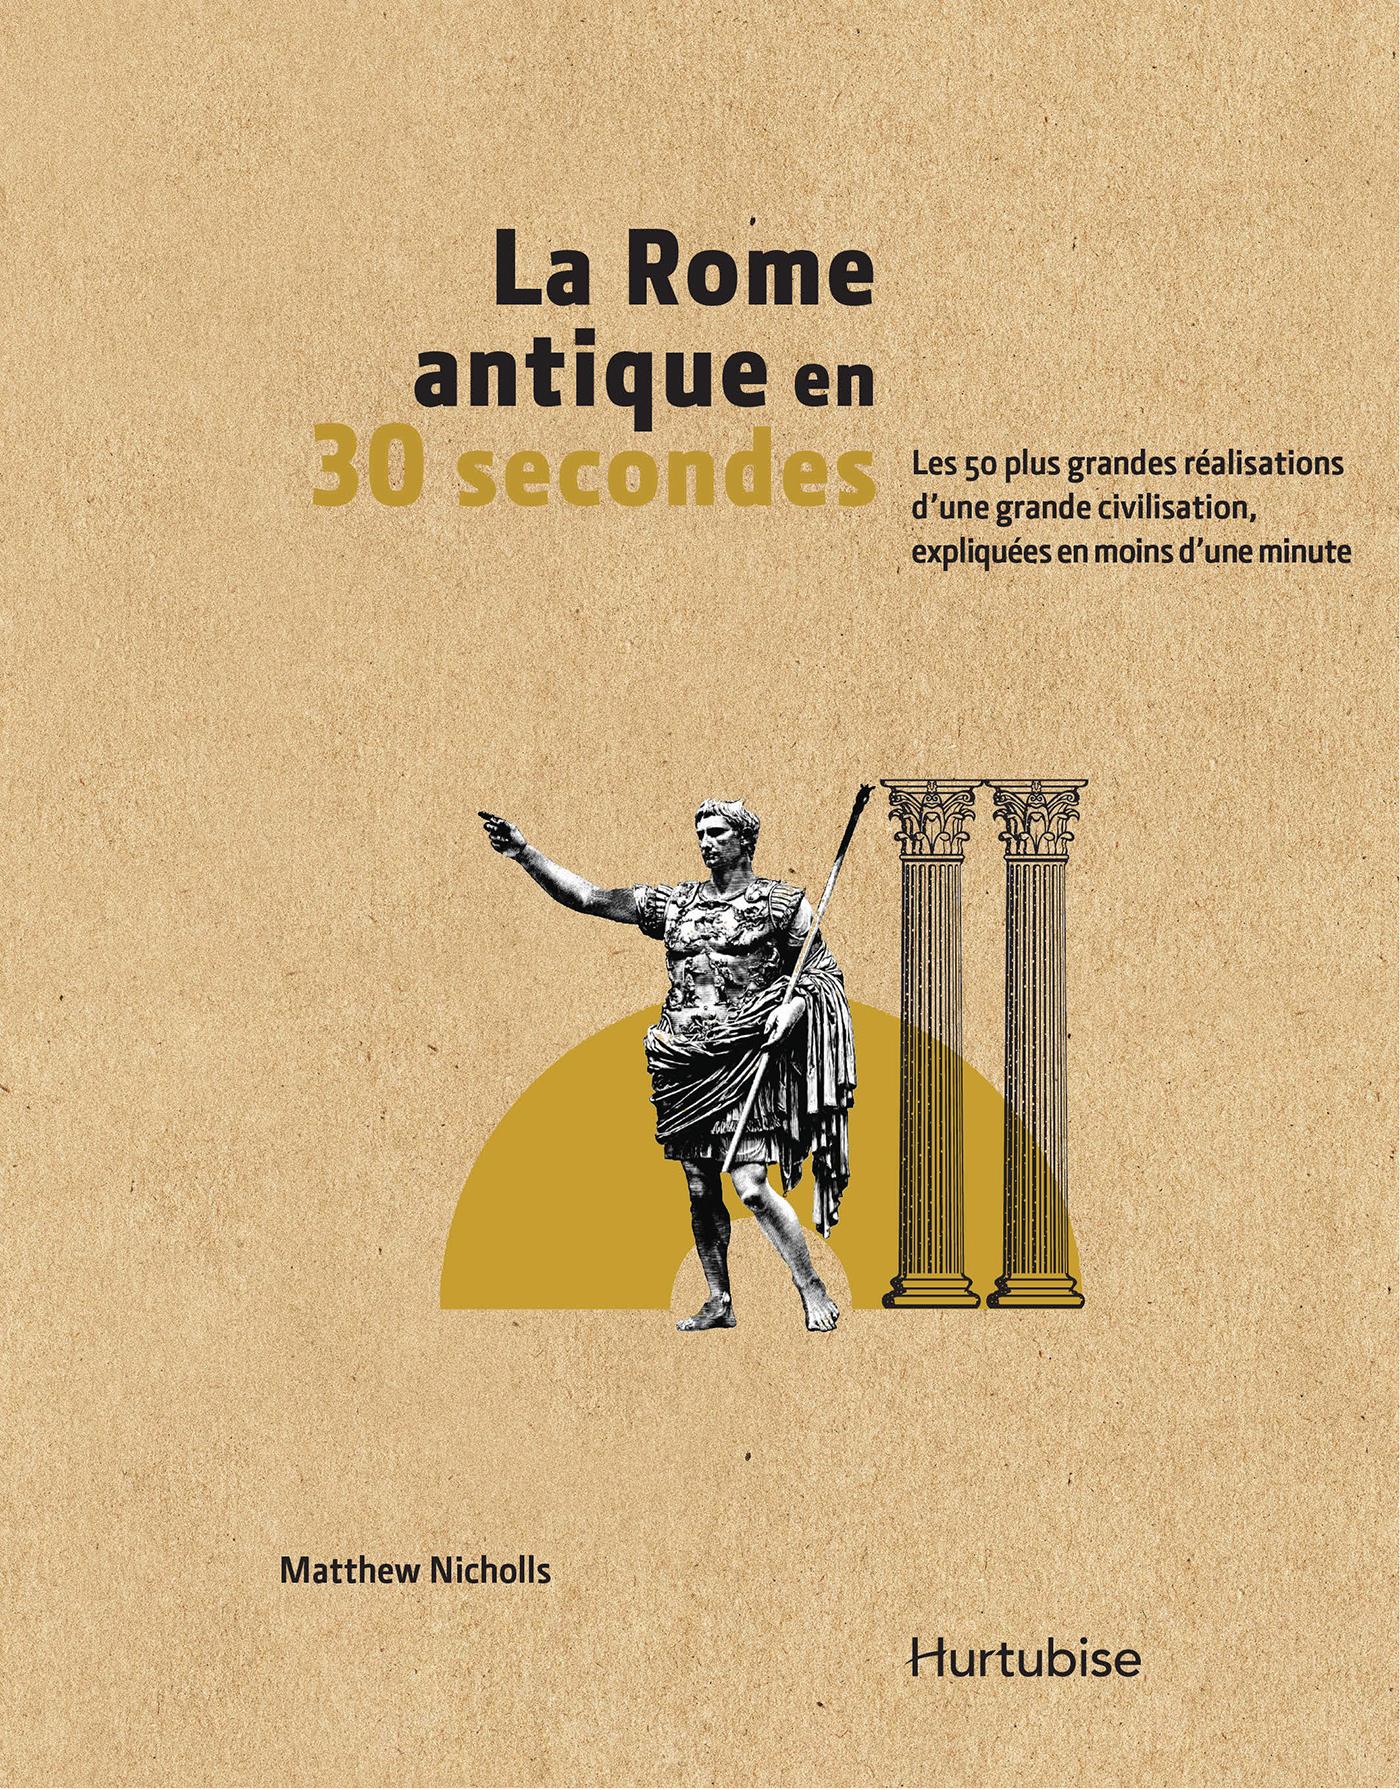 La Rome antique en 30 secondes